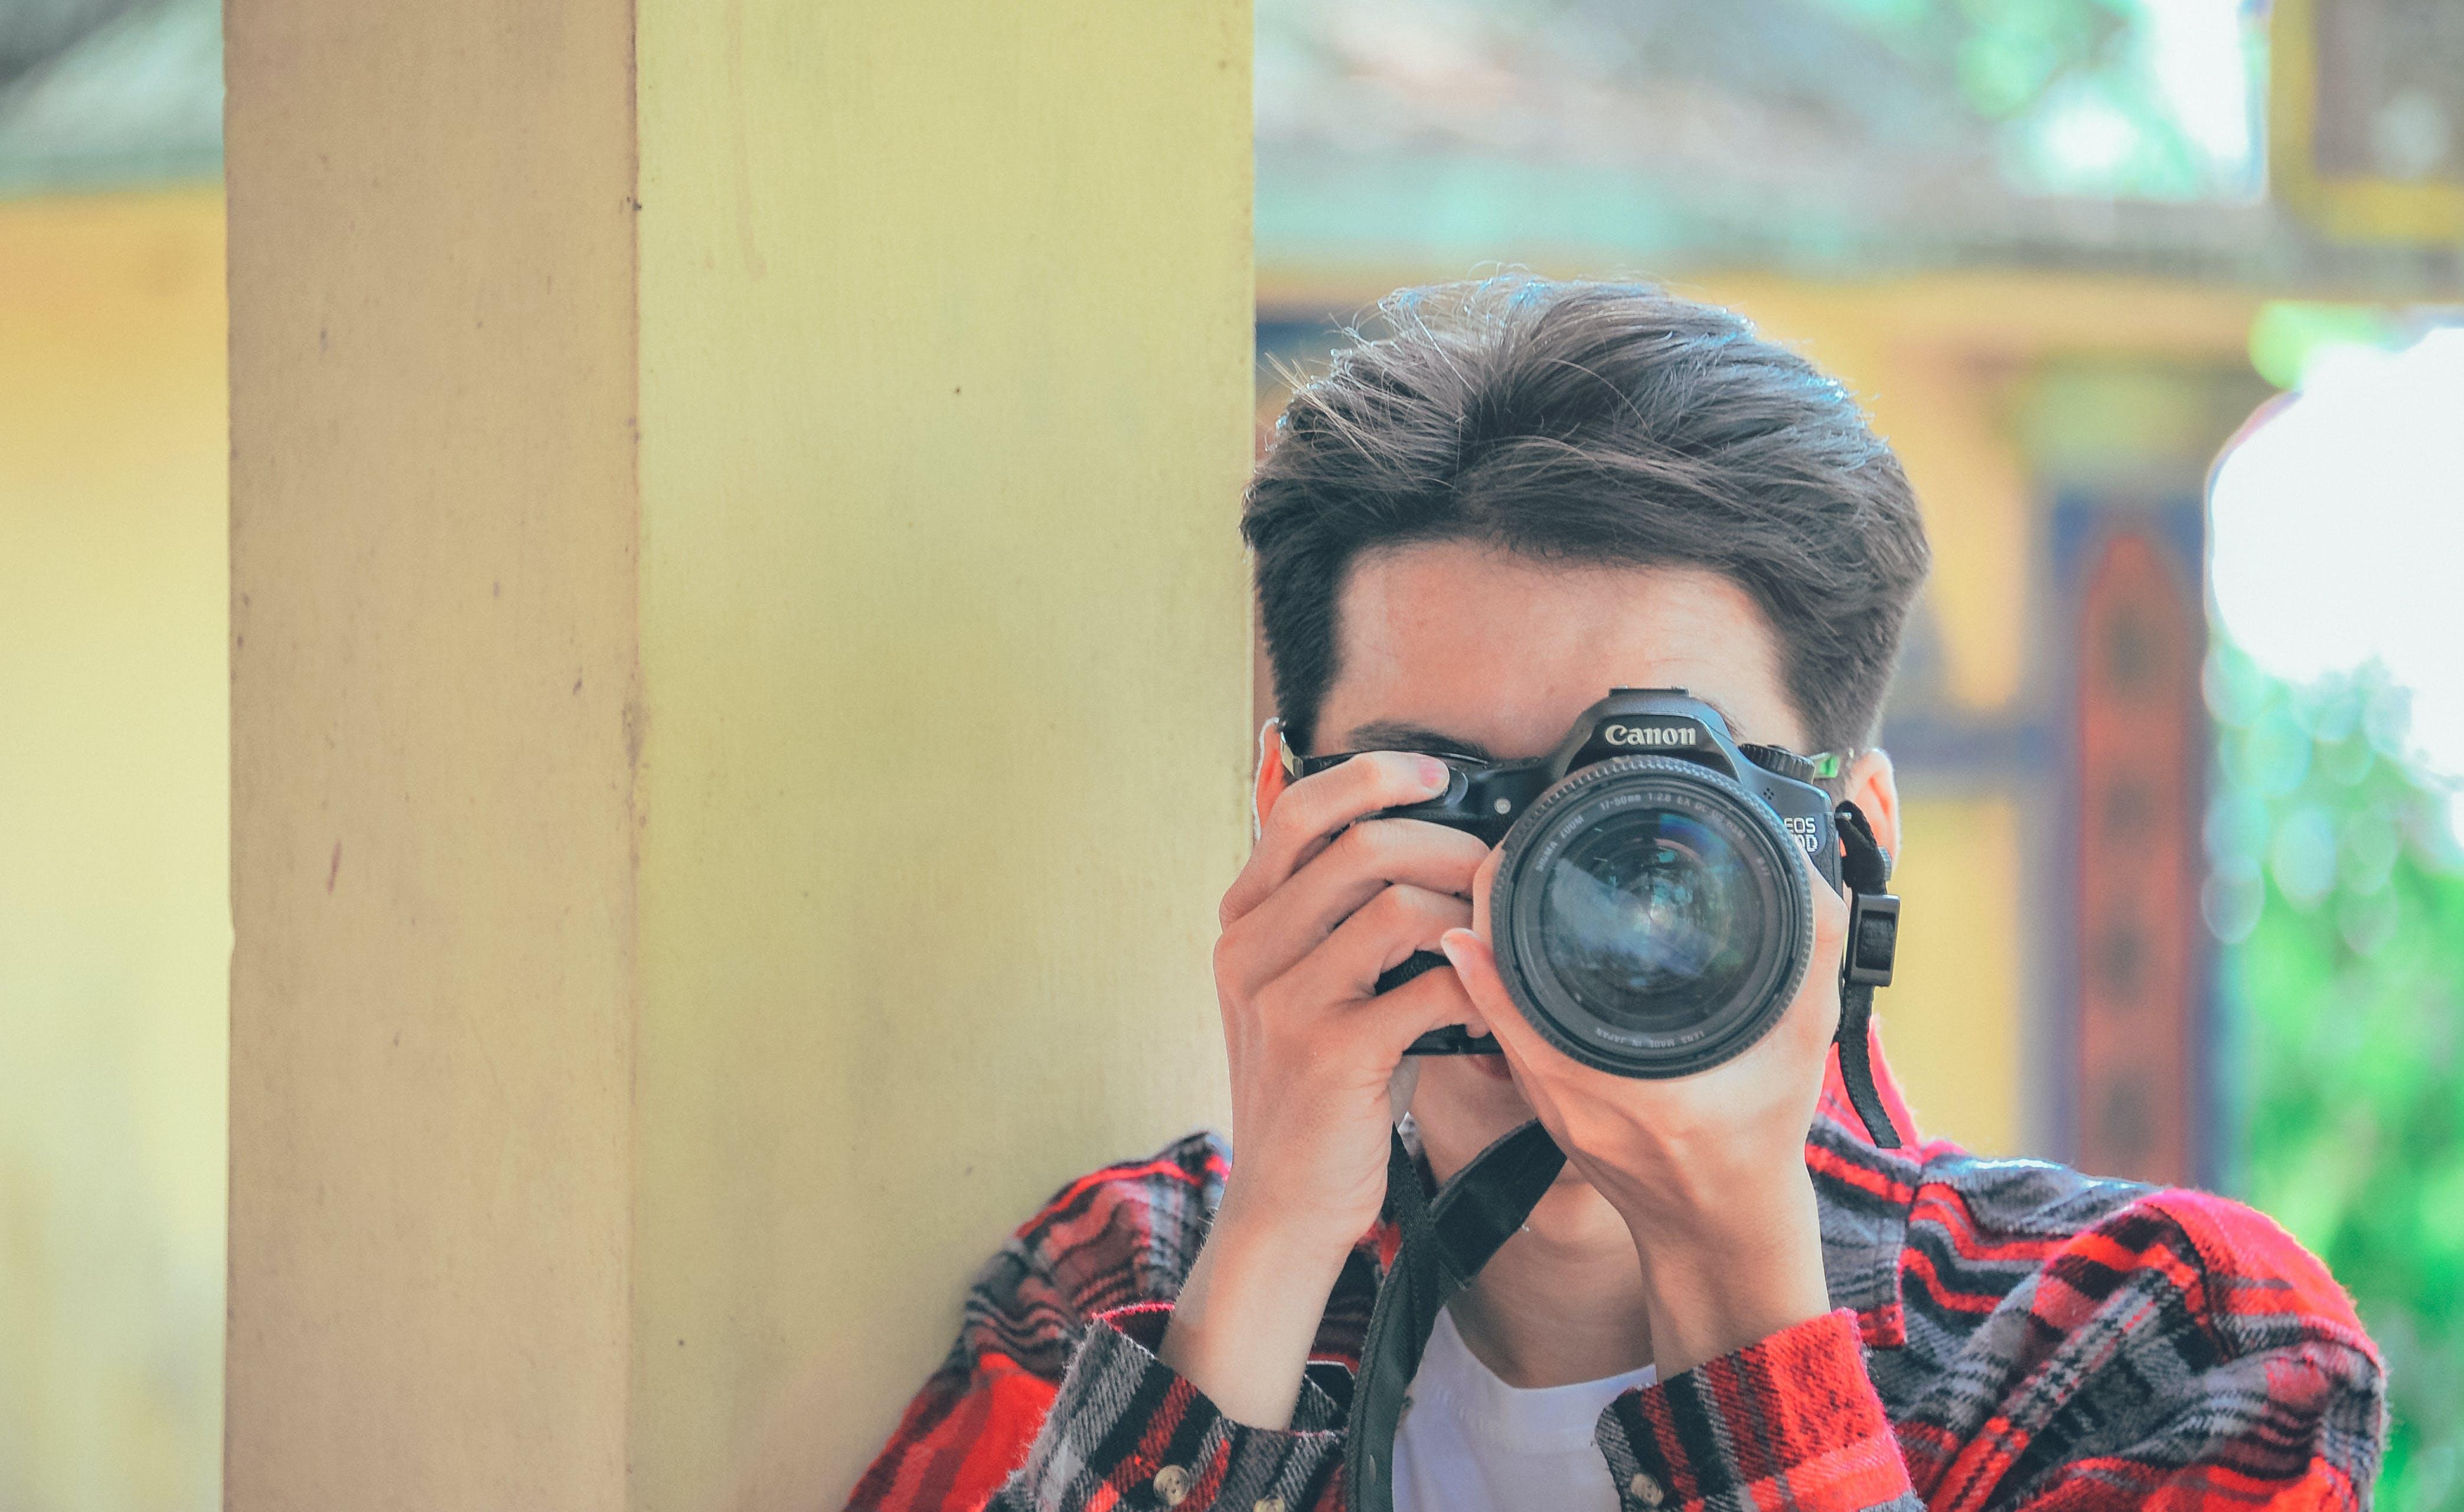 Kostnadsfri bild av fotograf, ha på sig, kamera, lins